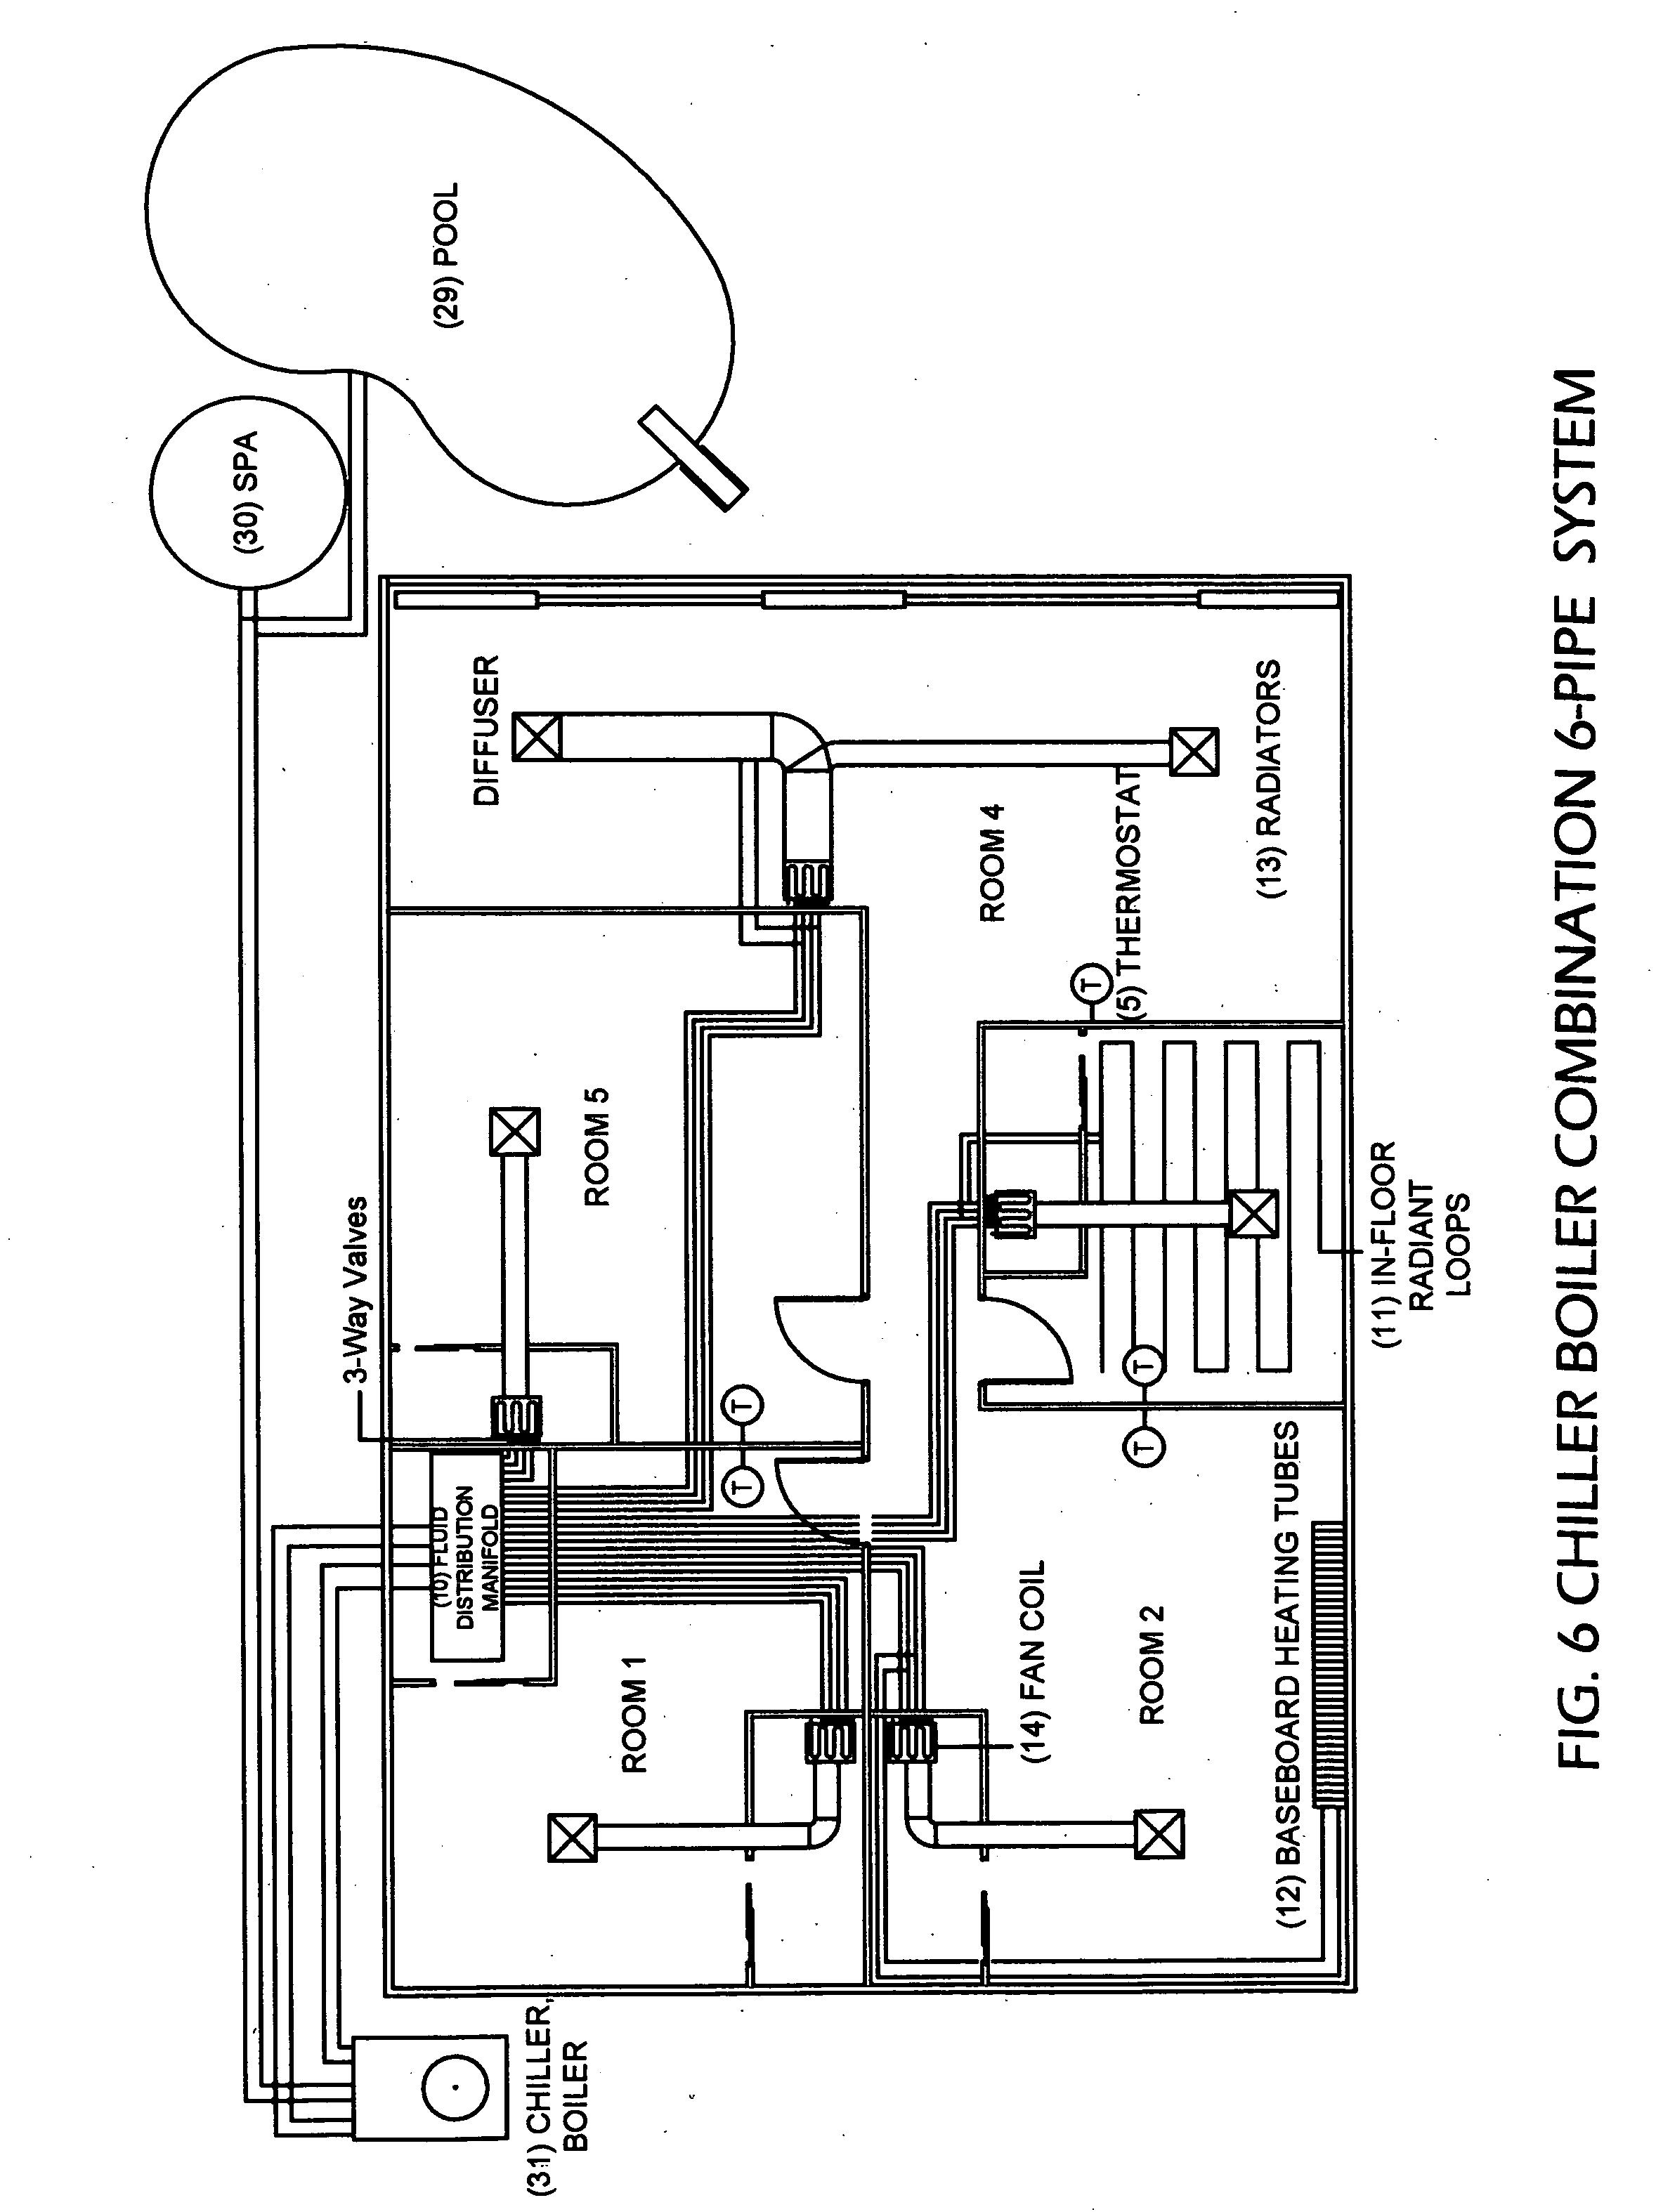 patent us20090188985